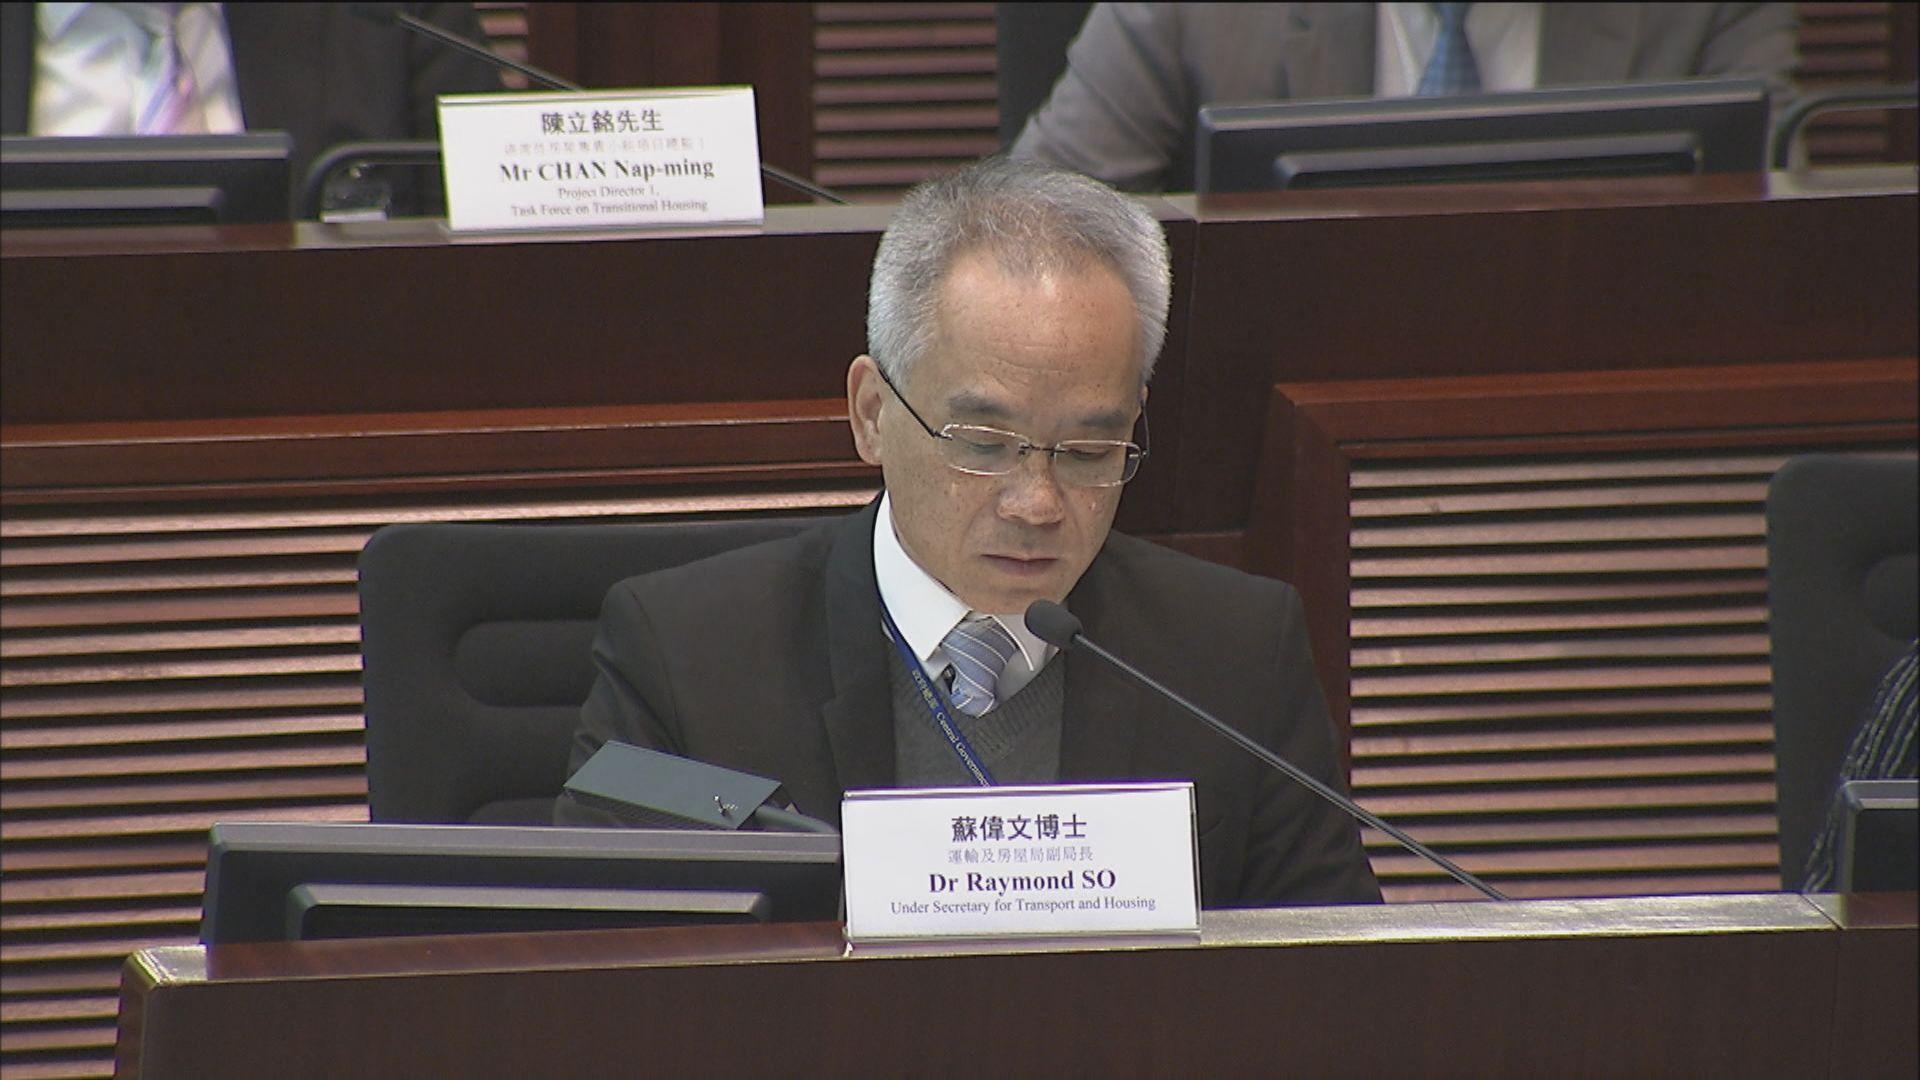 蘇偉文:設劏房租管是複雜及極具爭議